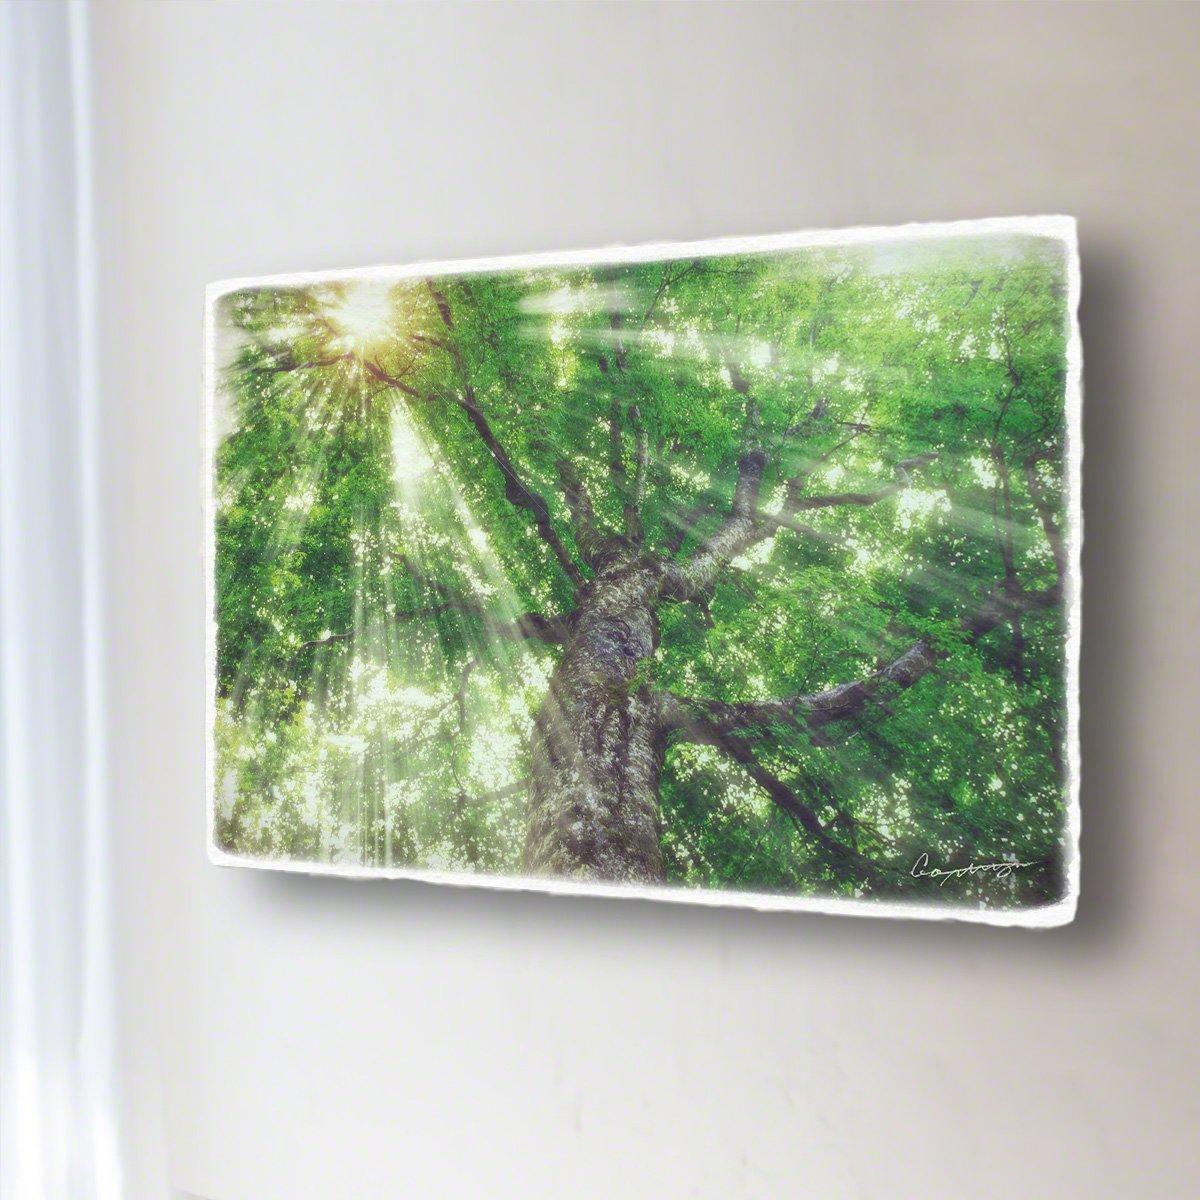 和紙 アートパネル 「木漏れ日と白神山地の新緑のブナのマザーツリー」 (68x45cm) 絵 絵画 壁掛け 壁飾り インテリア アート B0786HHXDV 16.アートパネル(長辺68cm) 48000円|木漏れ日と白神山地の新緑のブナのマザーツリー 木漏れ日と白神山地の新緑のブナのマザーツリー 16.アートパネル(長辺68cm) 48000円